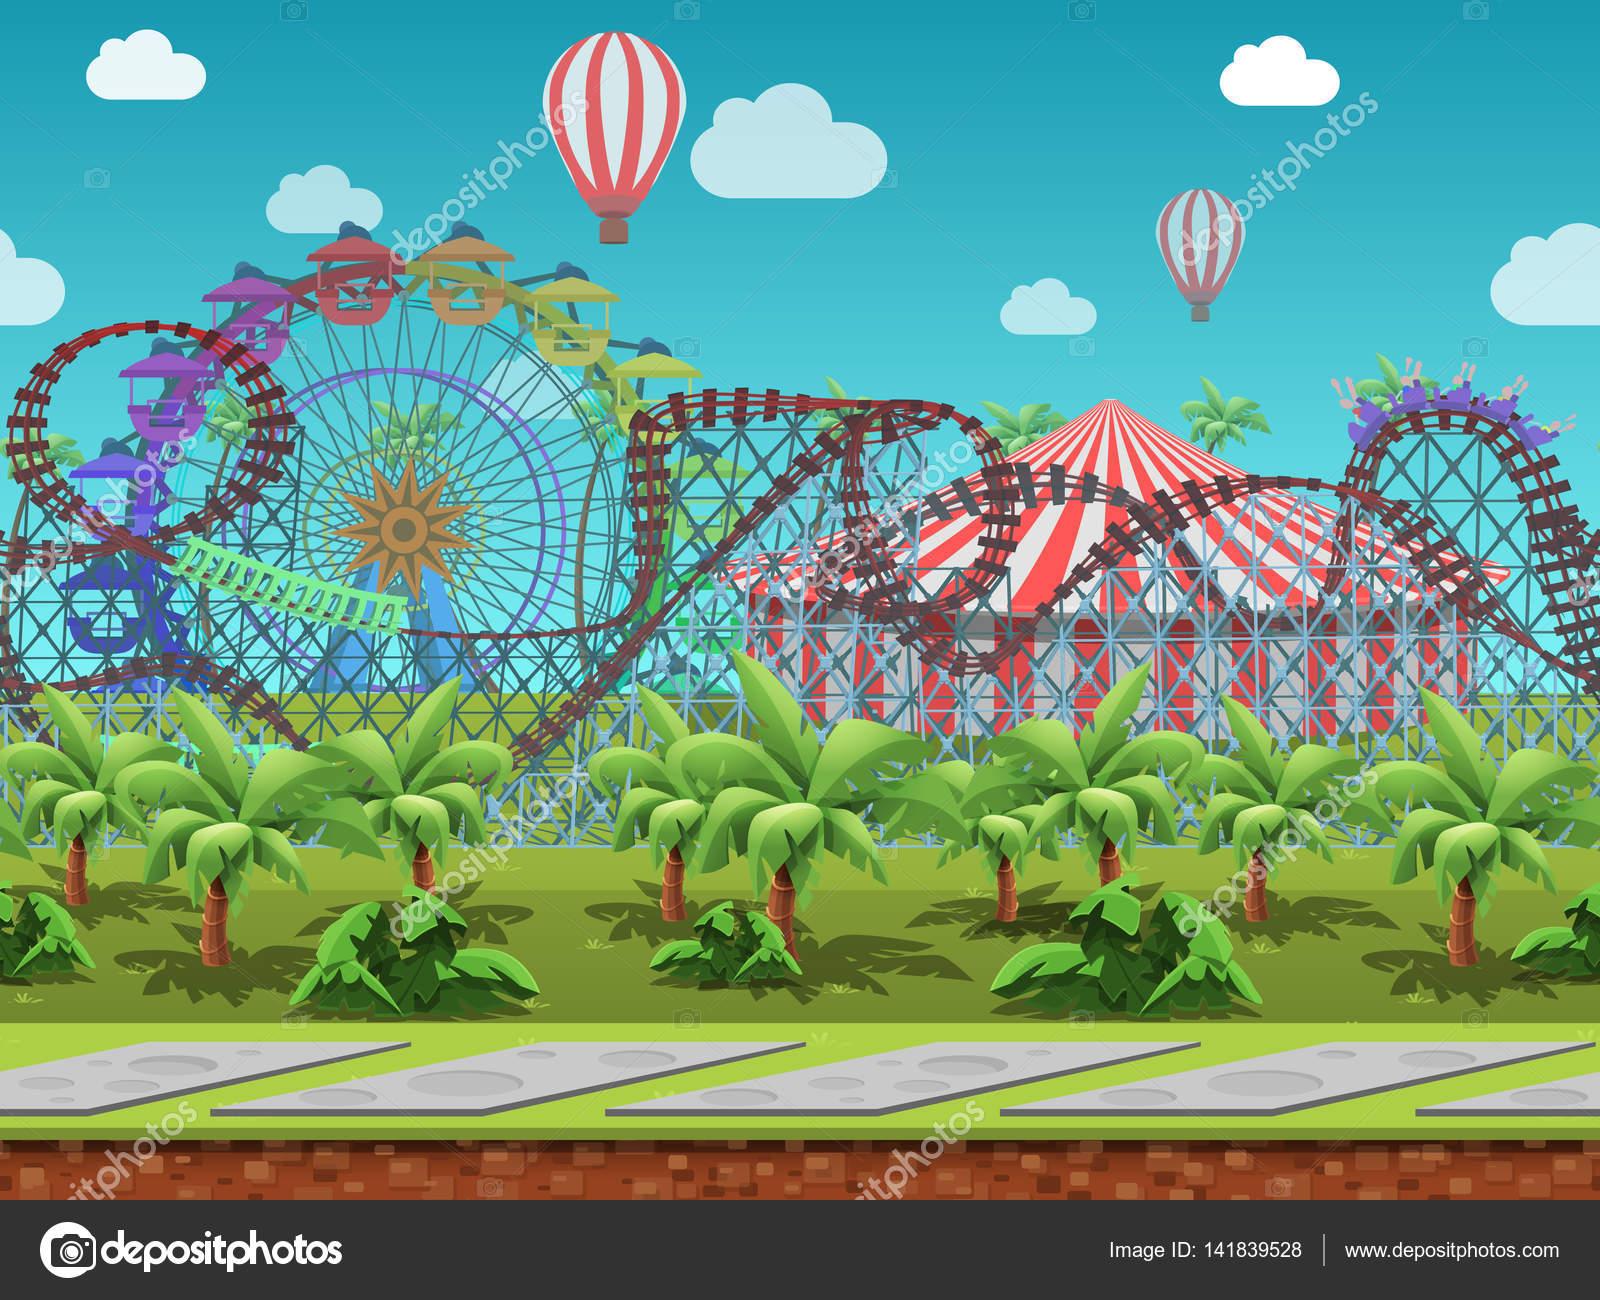 Laminas De Atracciones De Feria Para Pintar: Fondo: Parque De Diversiones Pantalla